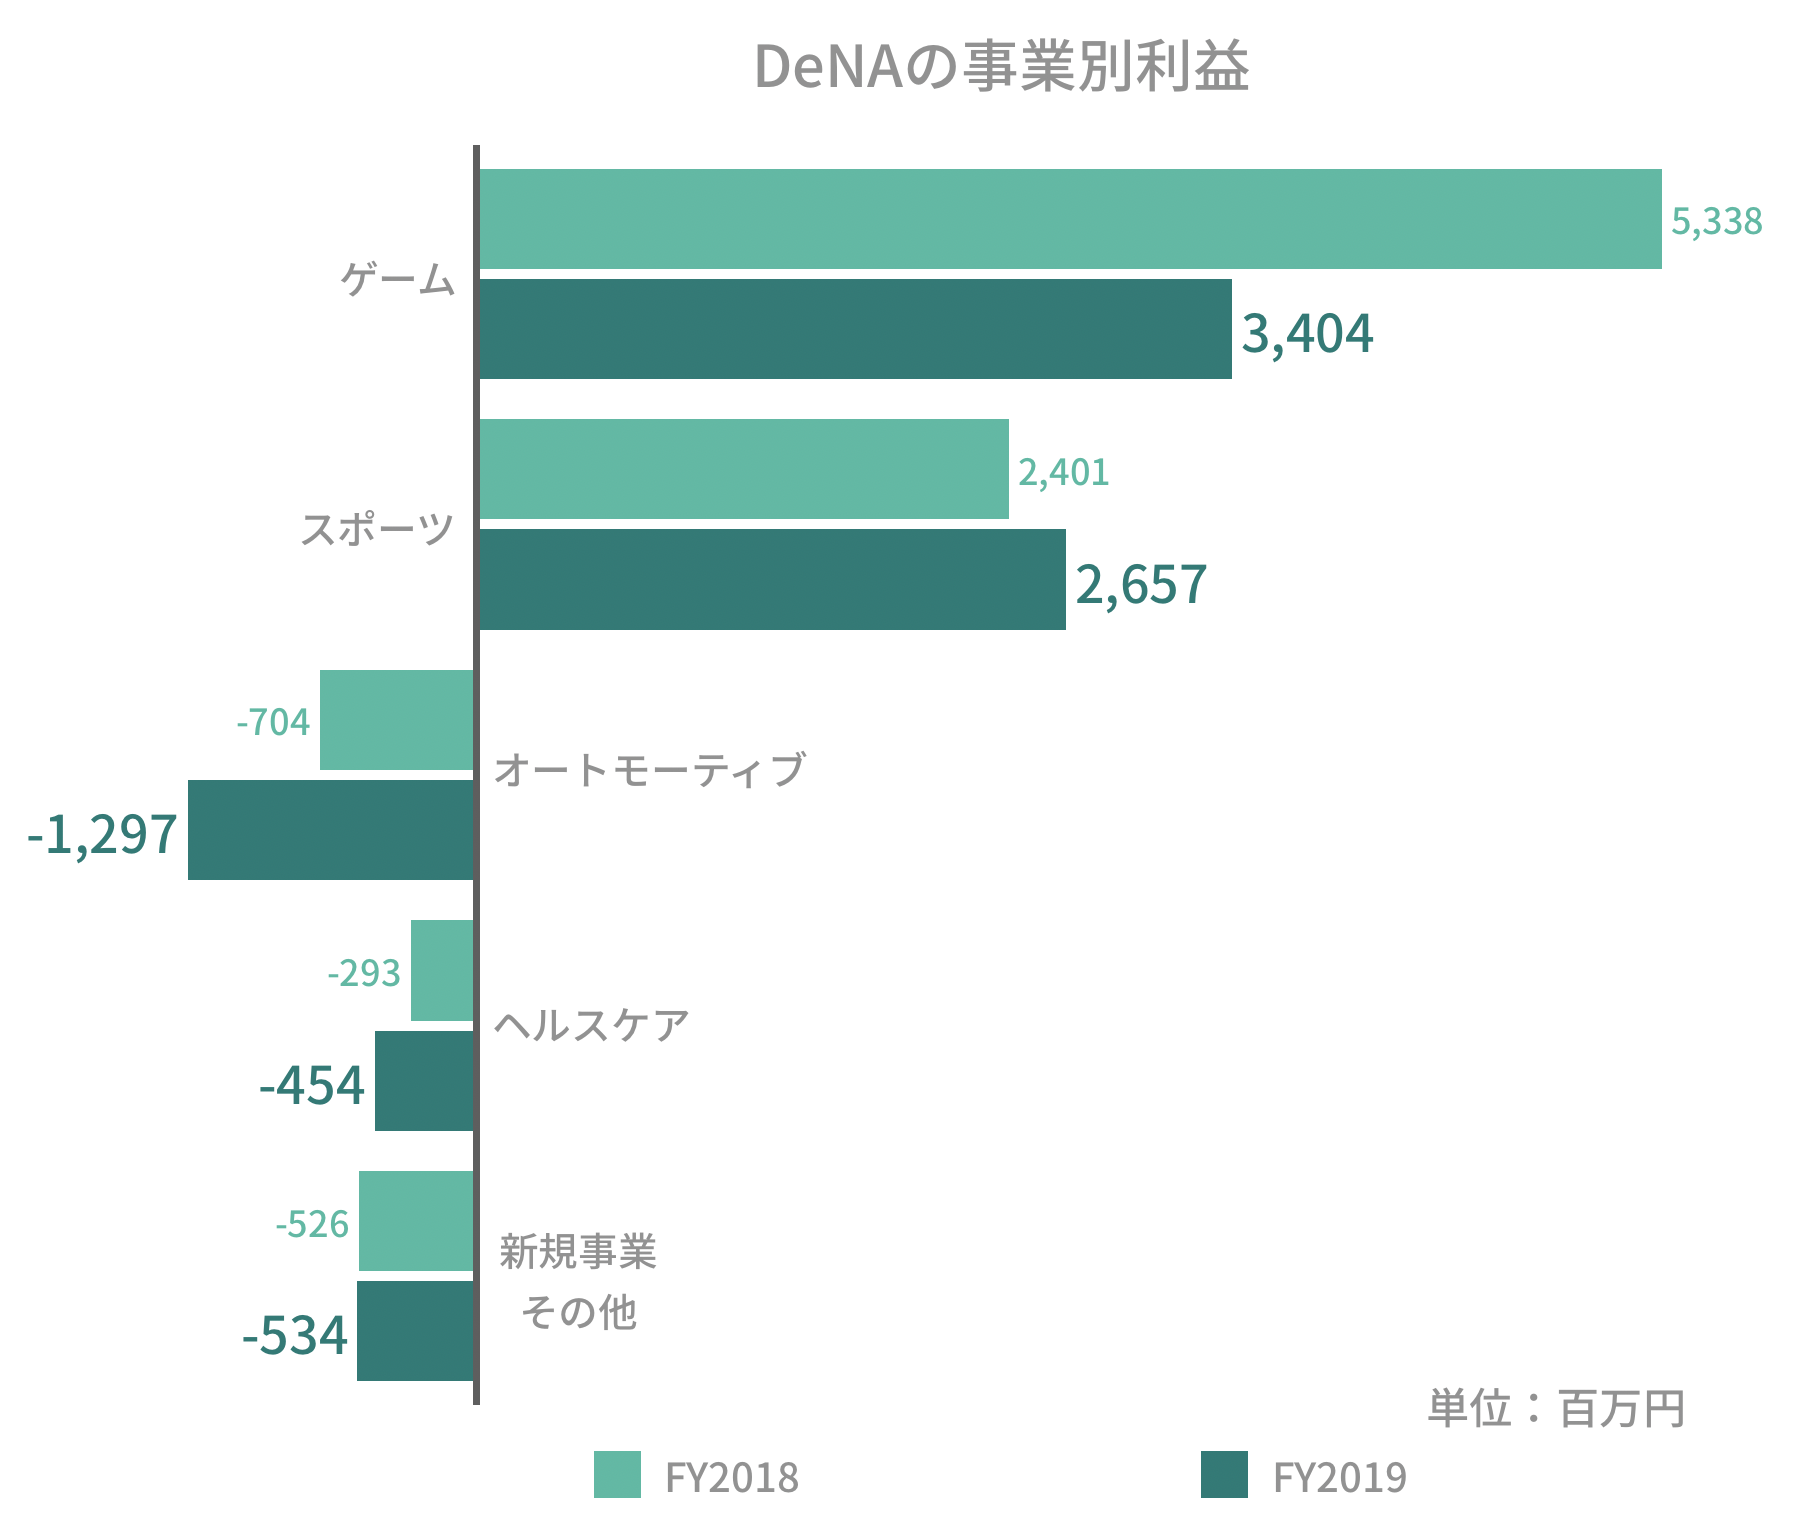 DeNAの事業別利益